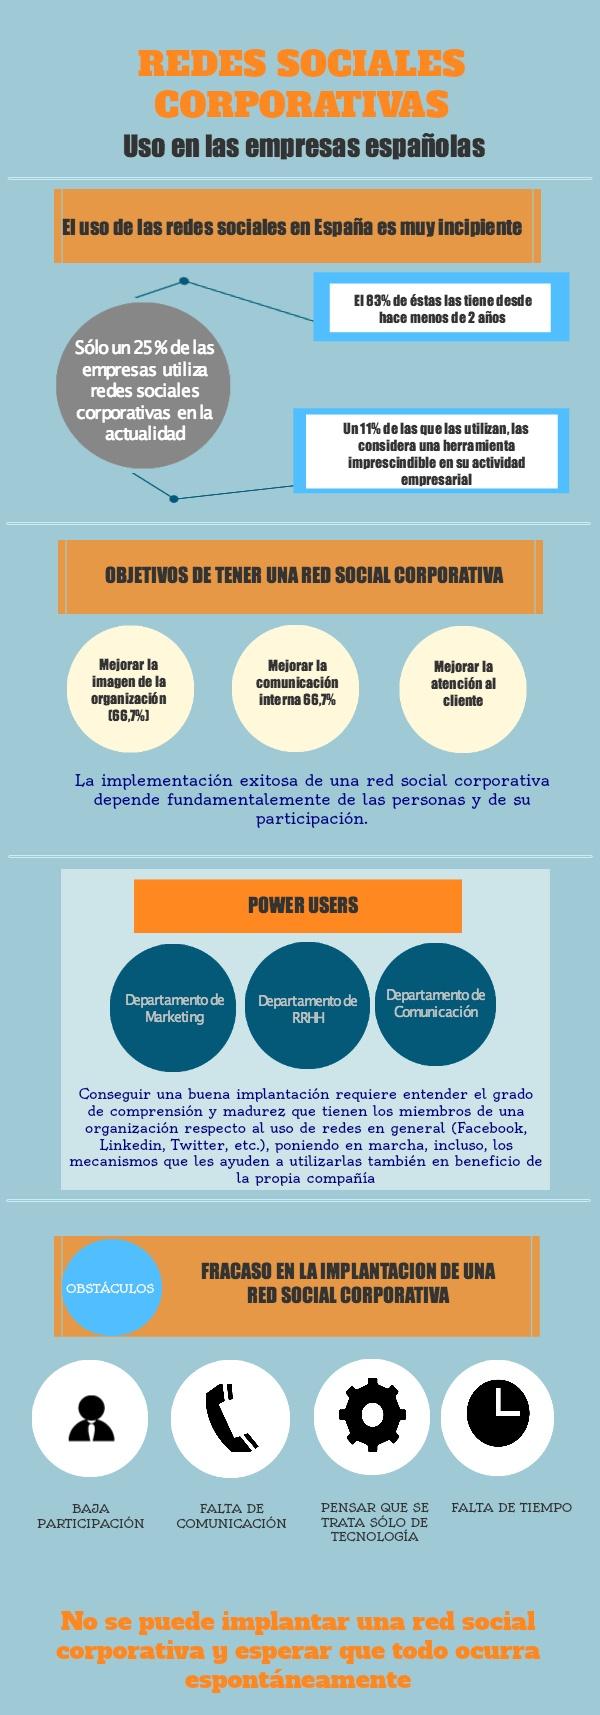 Redes Sociales Corporativas en las empresas españolas